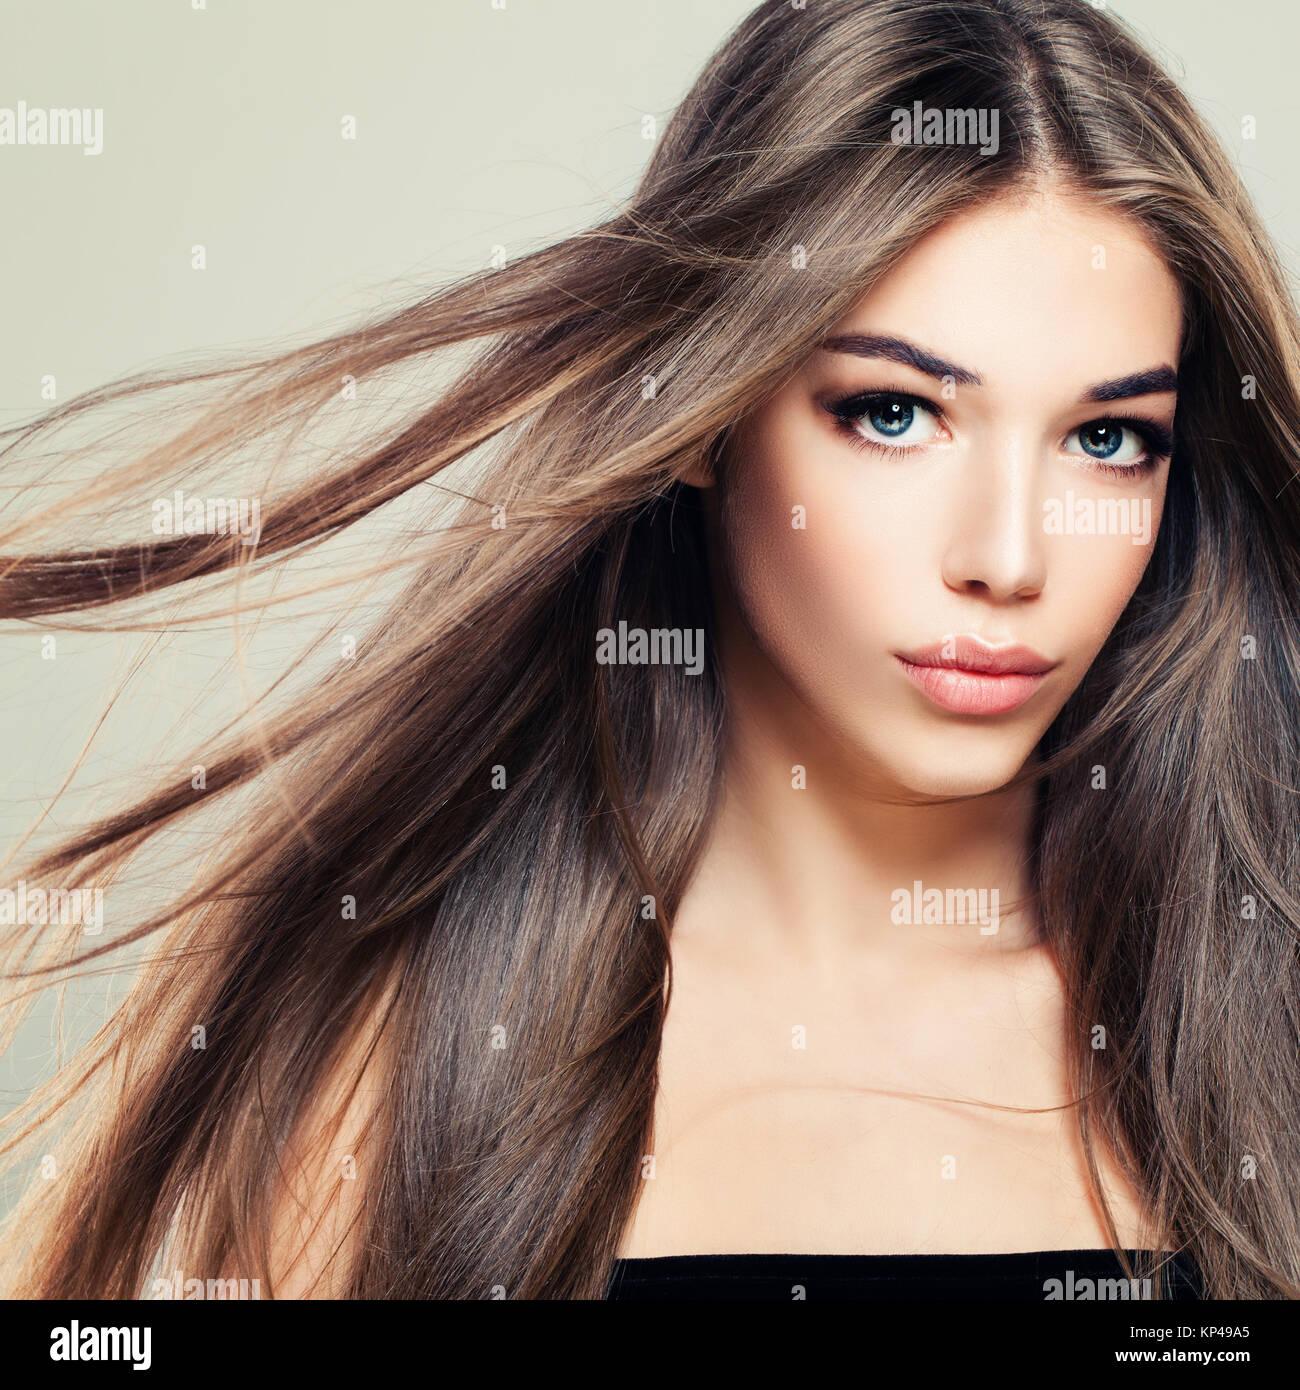 Mädchen haare braune hübsches 17 Hübsche Mädchen